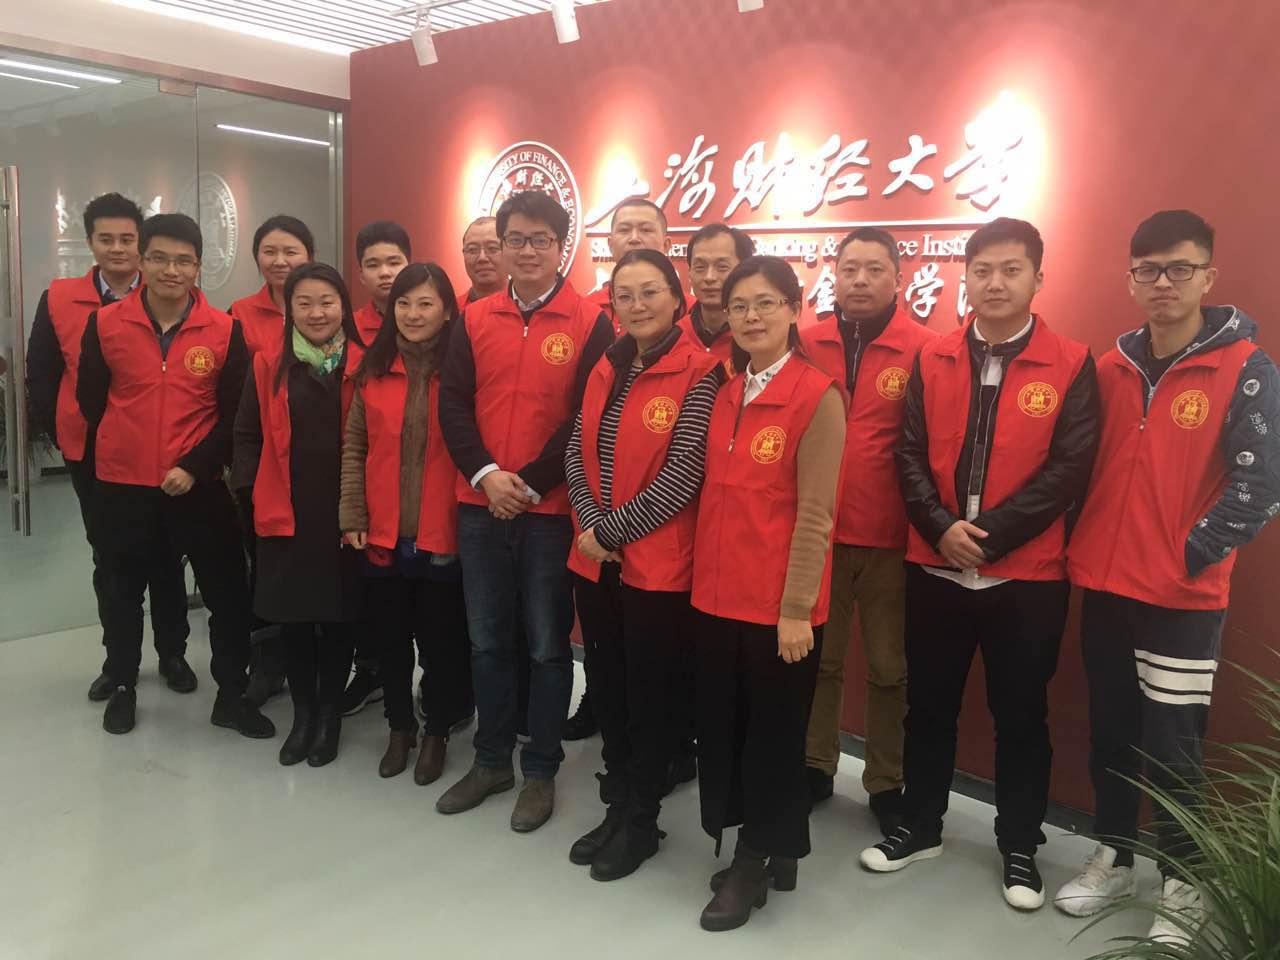 上海股票操盘手培训_上海股票培训-上海操盘手培训-上海期货培训-上海国际银行金融学院